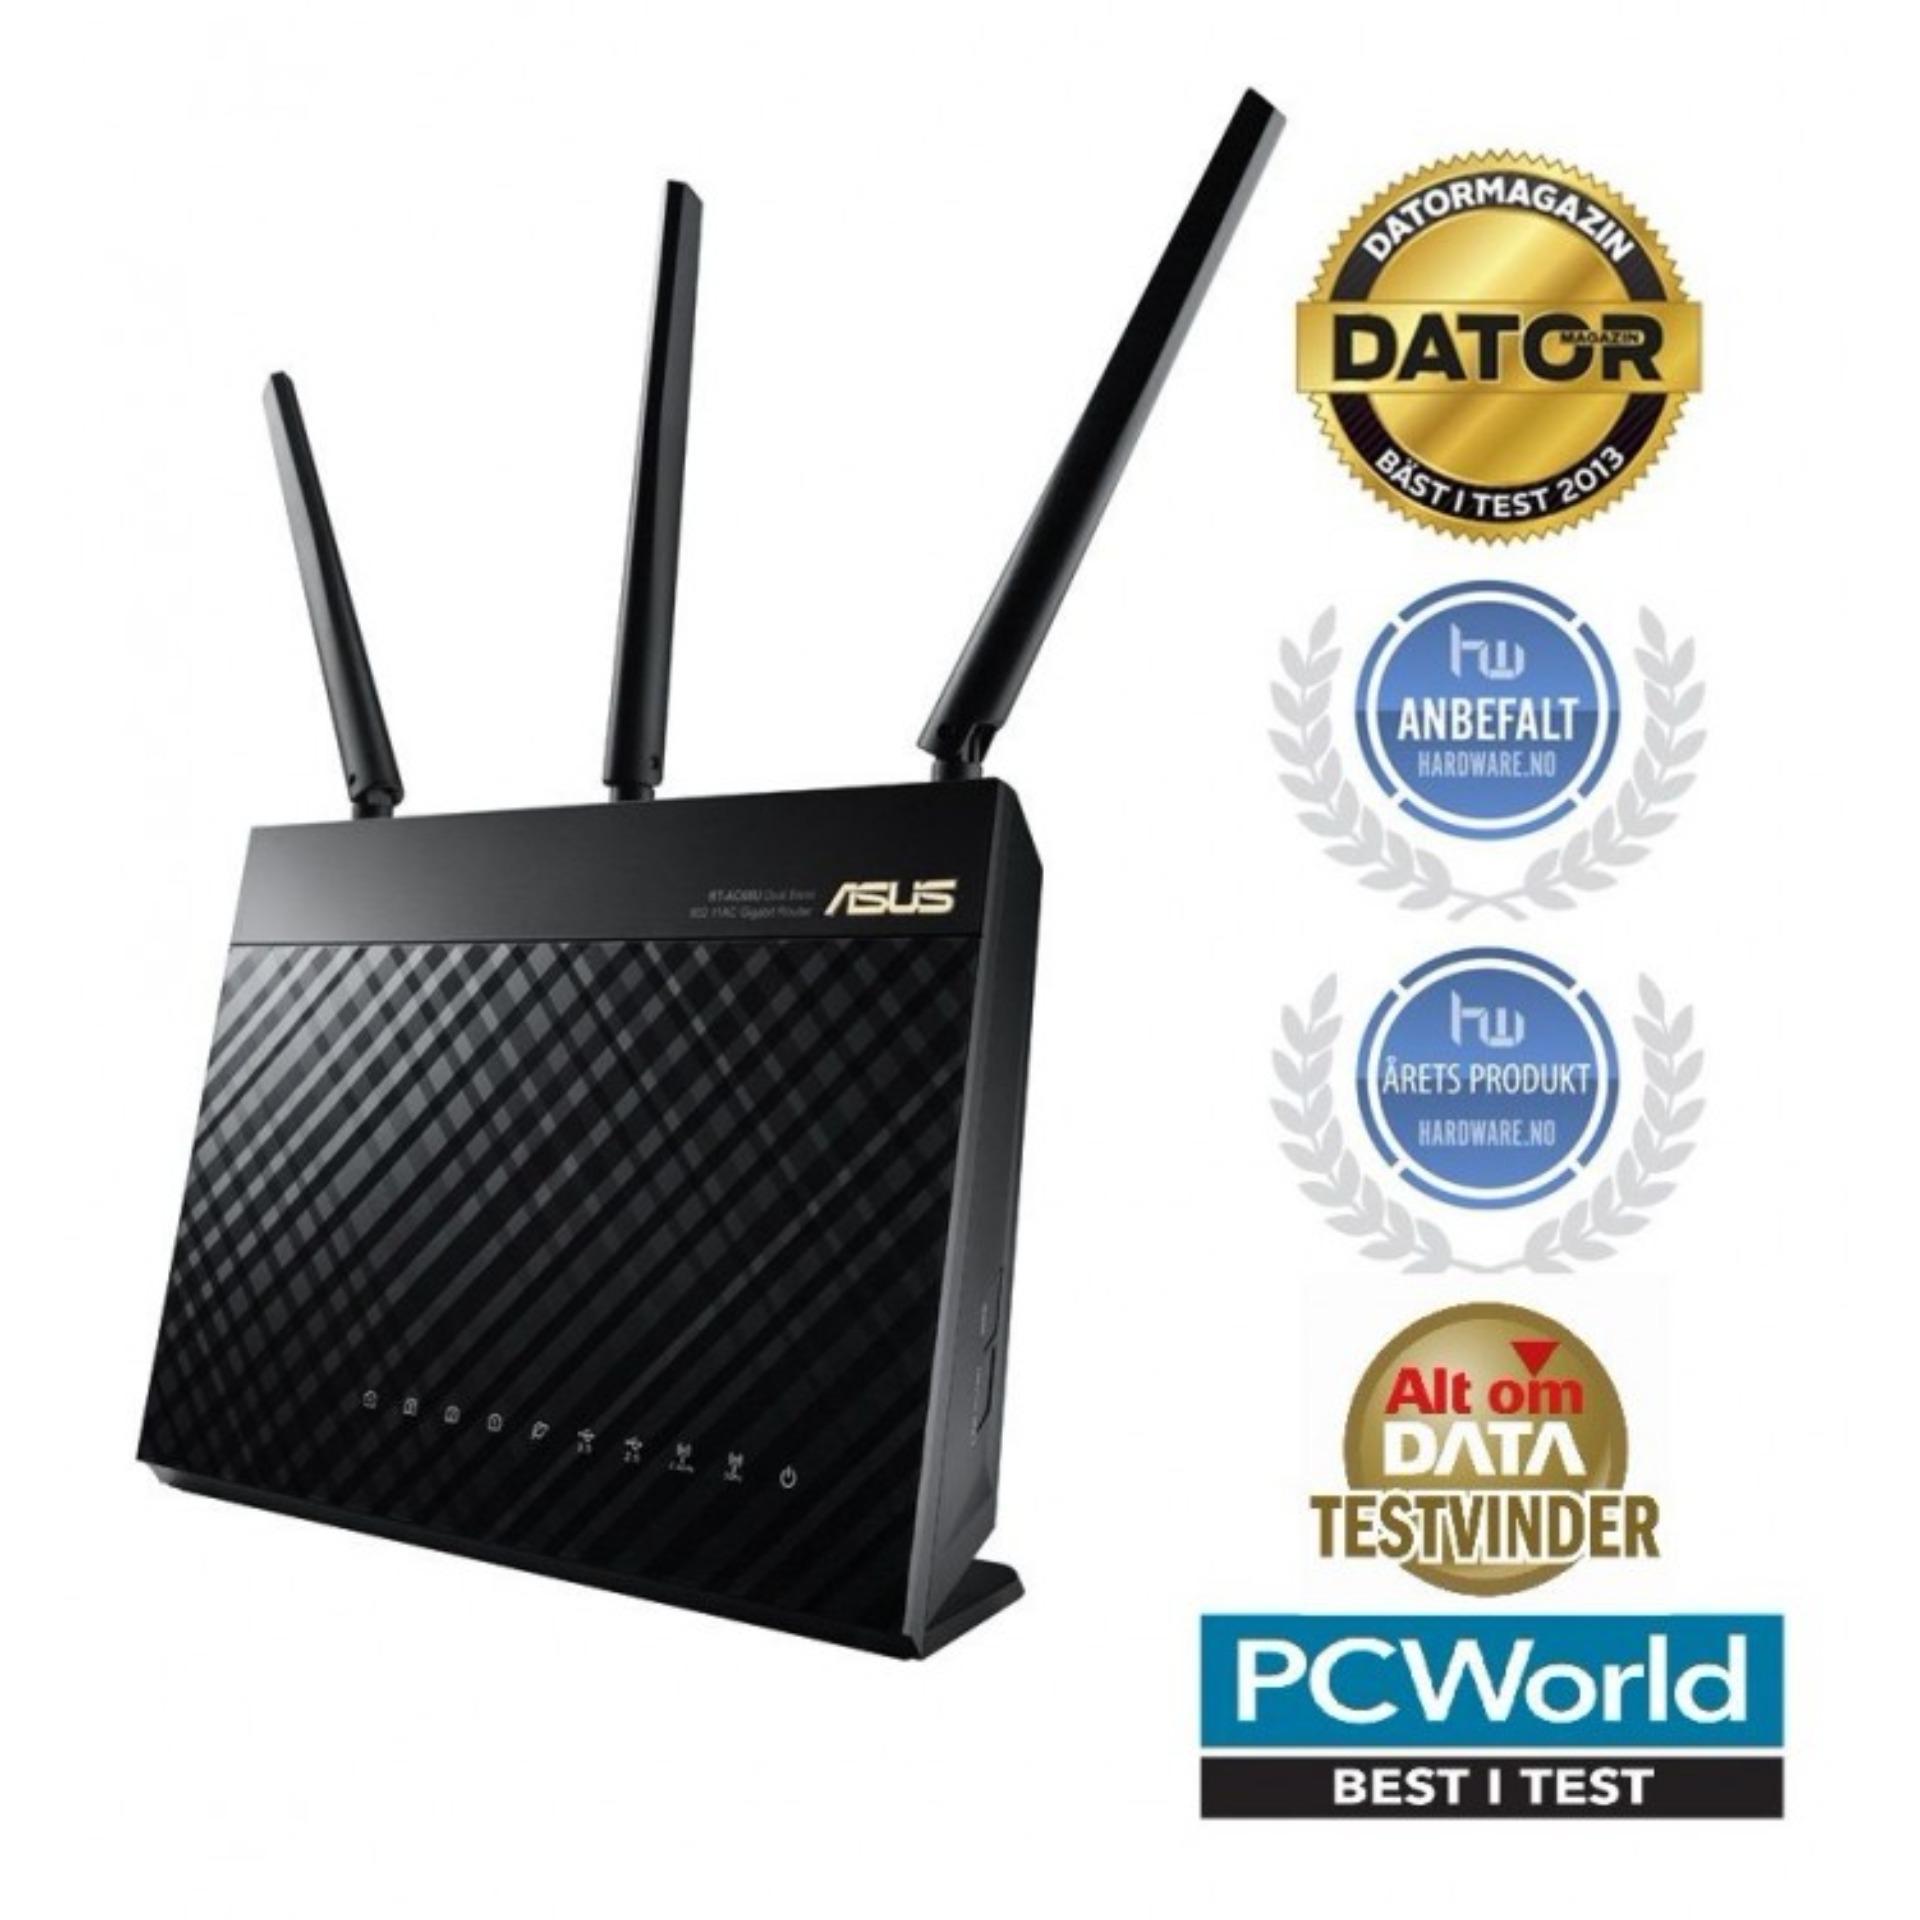 Bộ Phát Wifi Cao Cấp Asus Rt Ac68U Chuẩn Ac1900, Phát Sóng Cực Mạnh